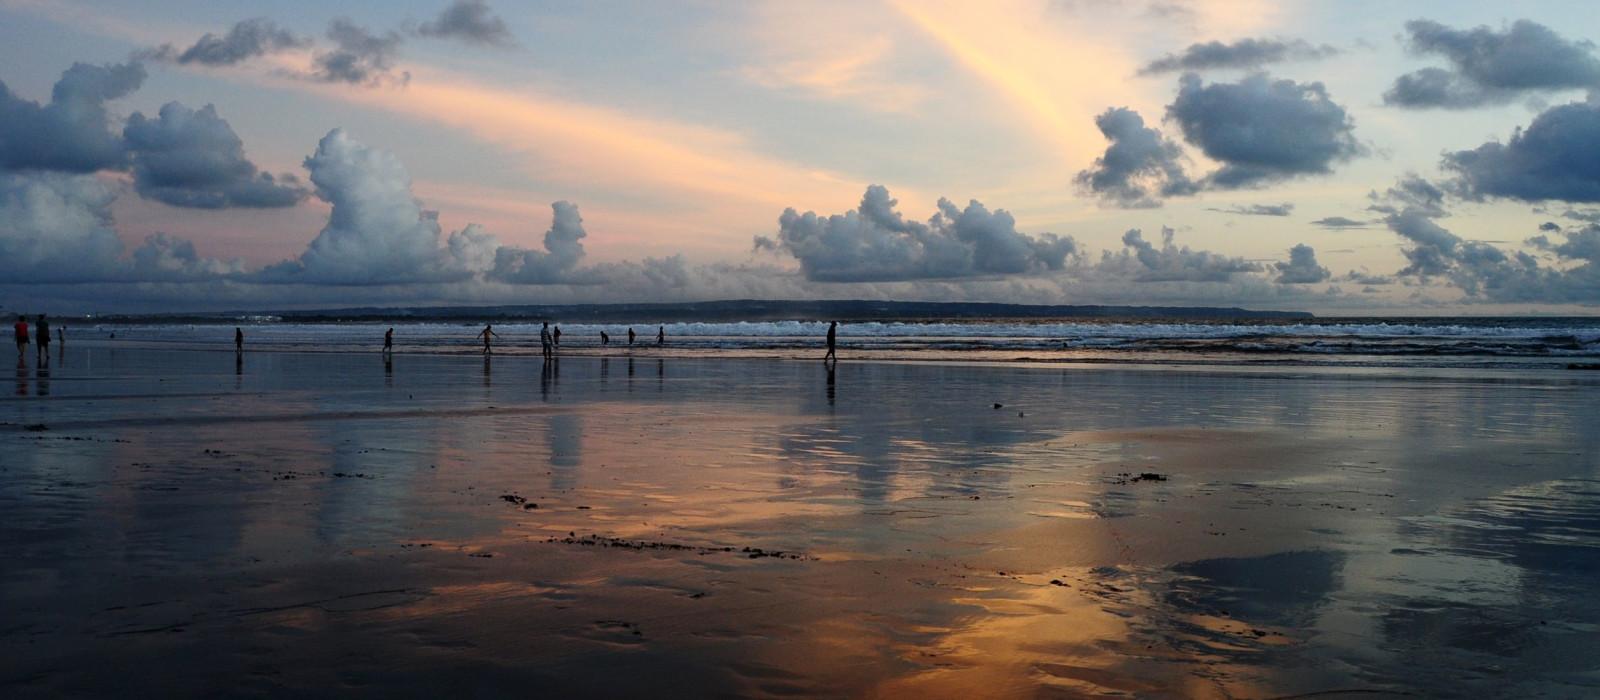 Bali-Rundreise: kulturelle Höhepunkte & Abenteuer in der Natur Urlaub 1